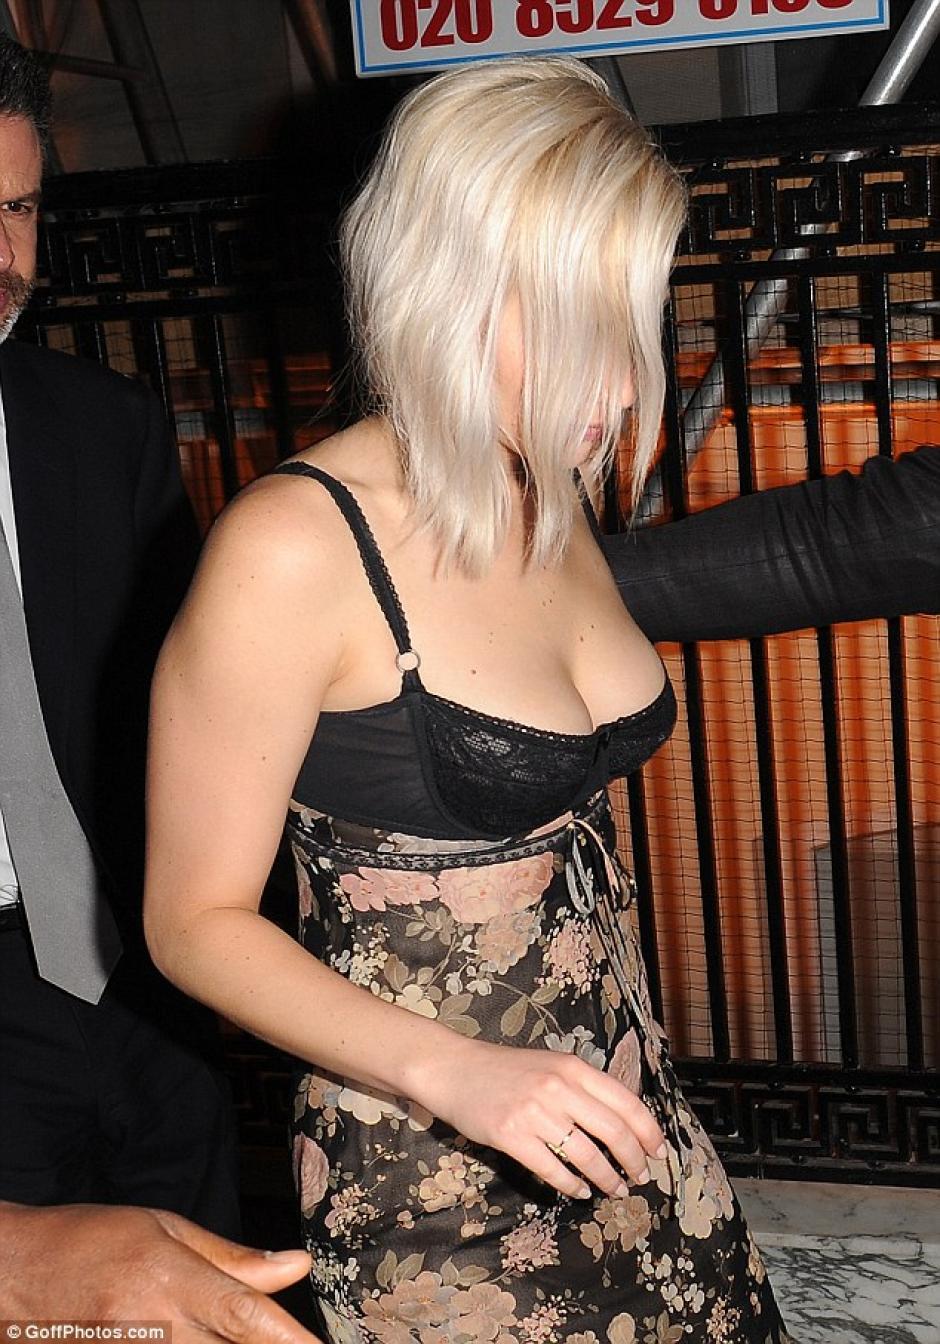 La actriz es una de las más buscadas por los fanáticos. (Foto: goffphotos.com)